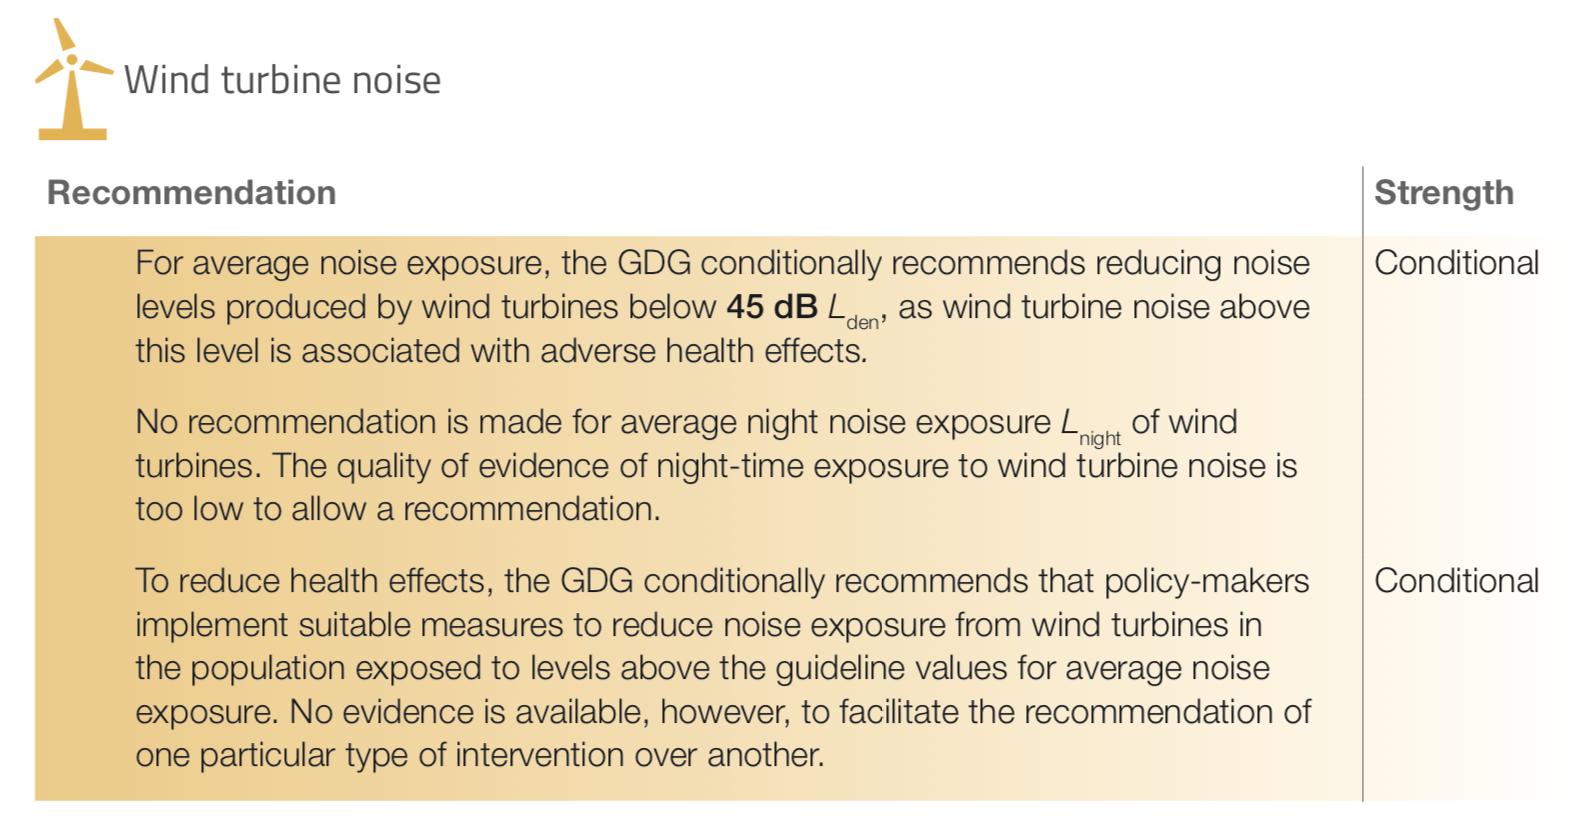 WHO rapport over geluid van windturbines